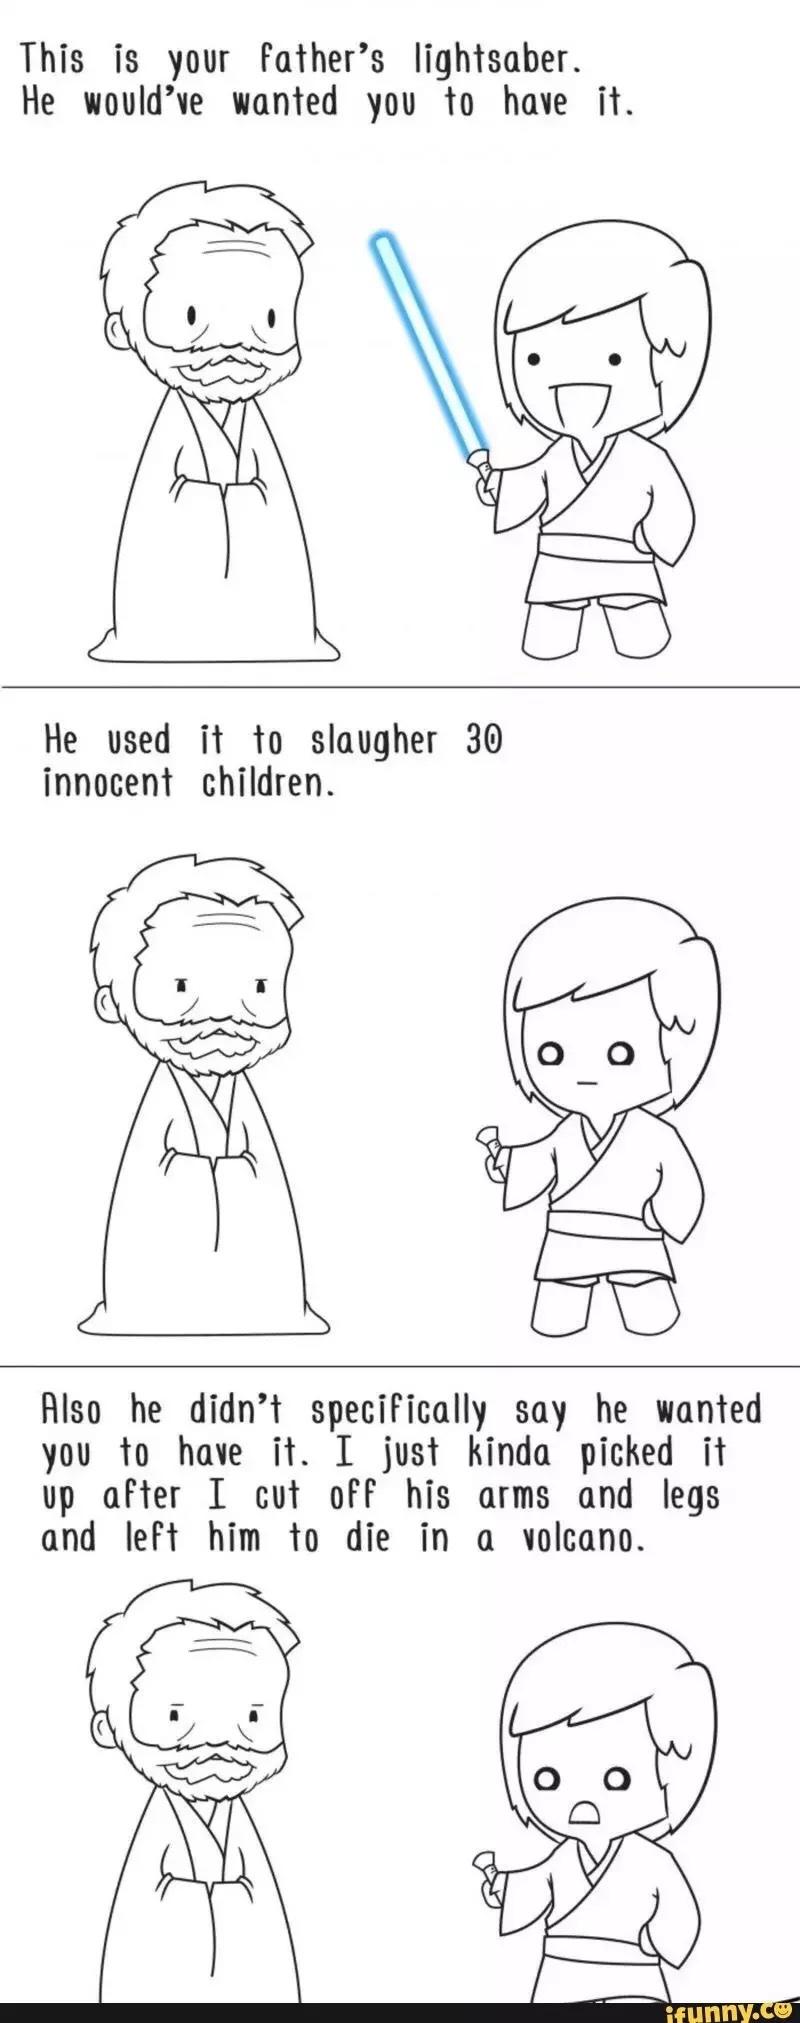 lol poor Luke... can't catch a break - meme